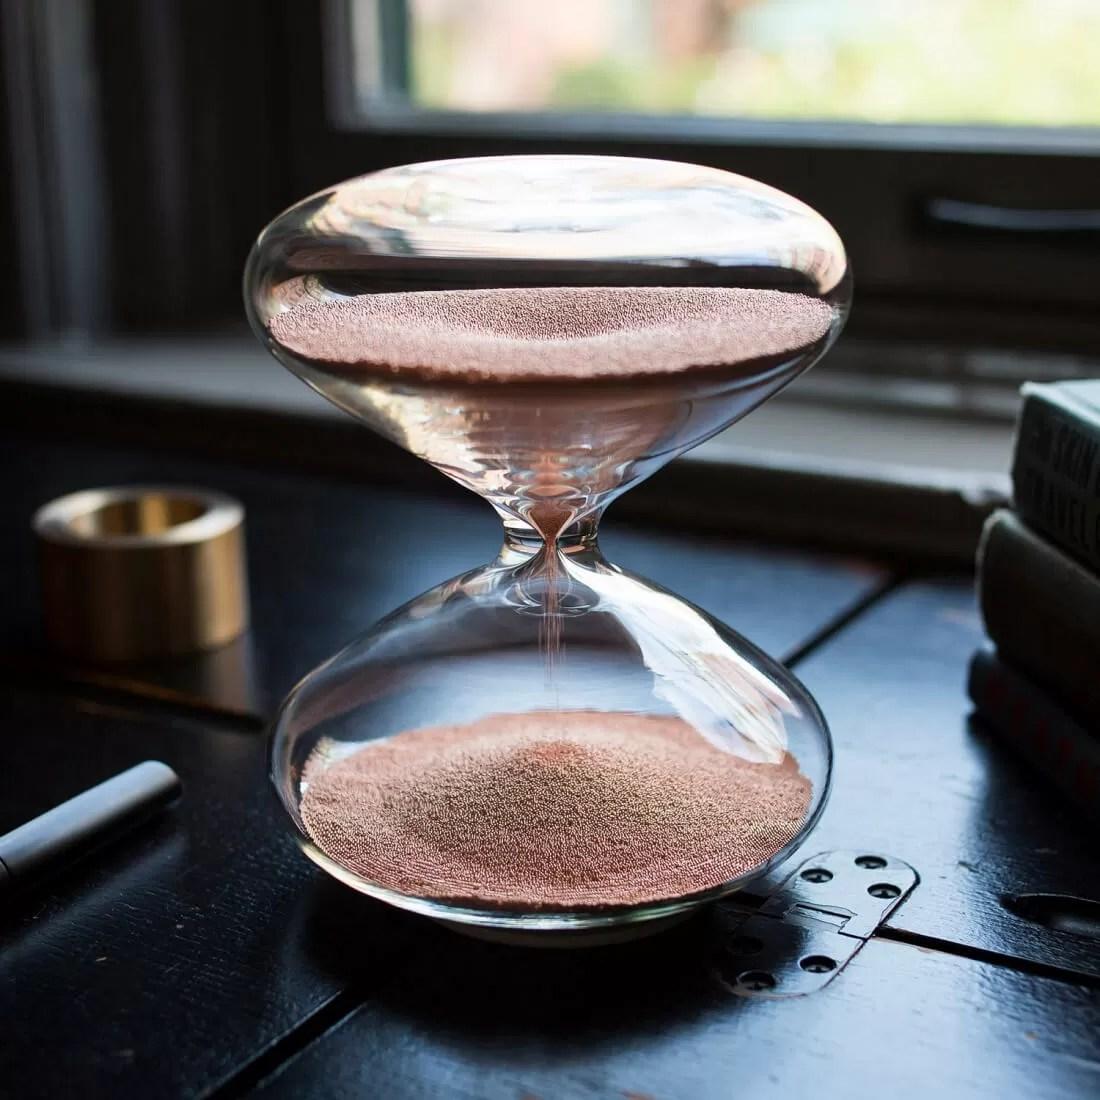 ساعة آبل الرملية من غرائب آبل تعرف على ساعة آبل الرملية و التي توصف بأنها أجمل ساعة رملية